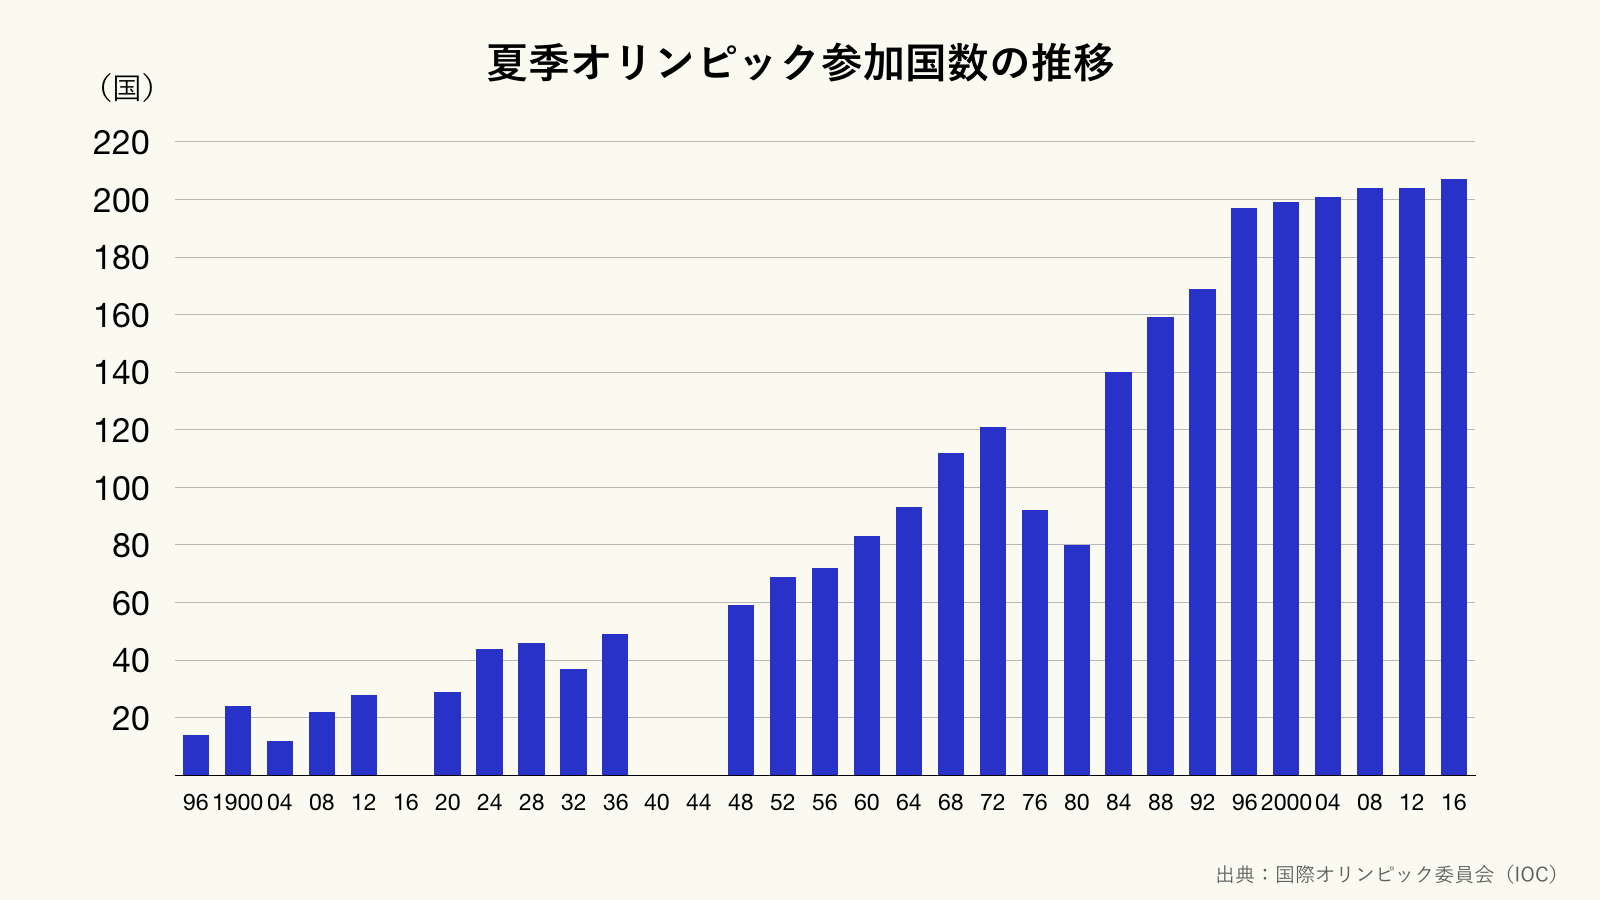 夏季オリンピック参加国数の推移のグラフ(クリーム)